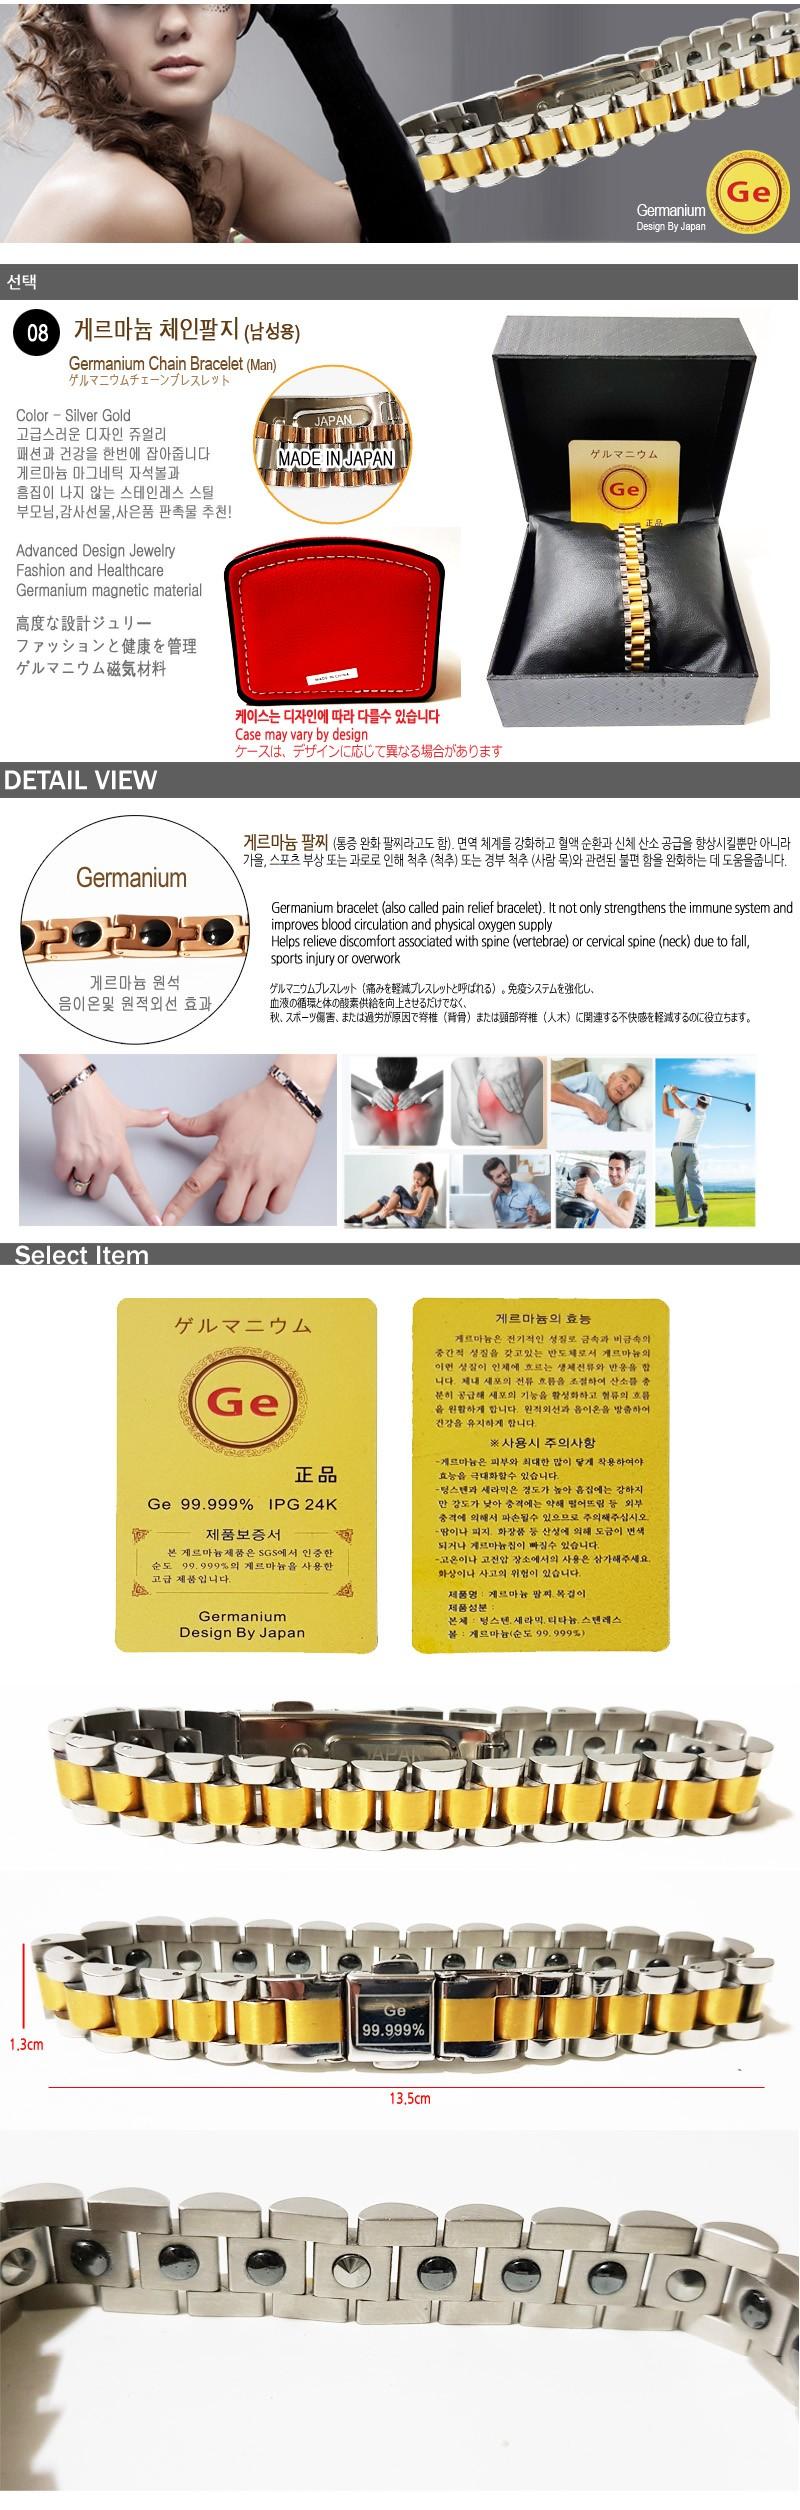 일본 남성 여성 게르마늄 팔찌 고급팔찌 건강팔찌 음이온 추석선물 명절선물 설선물 어버이날선물 체인팔찌 로렉스팔찌